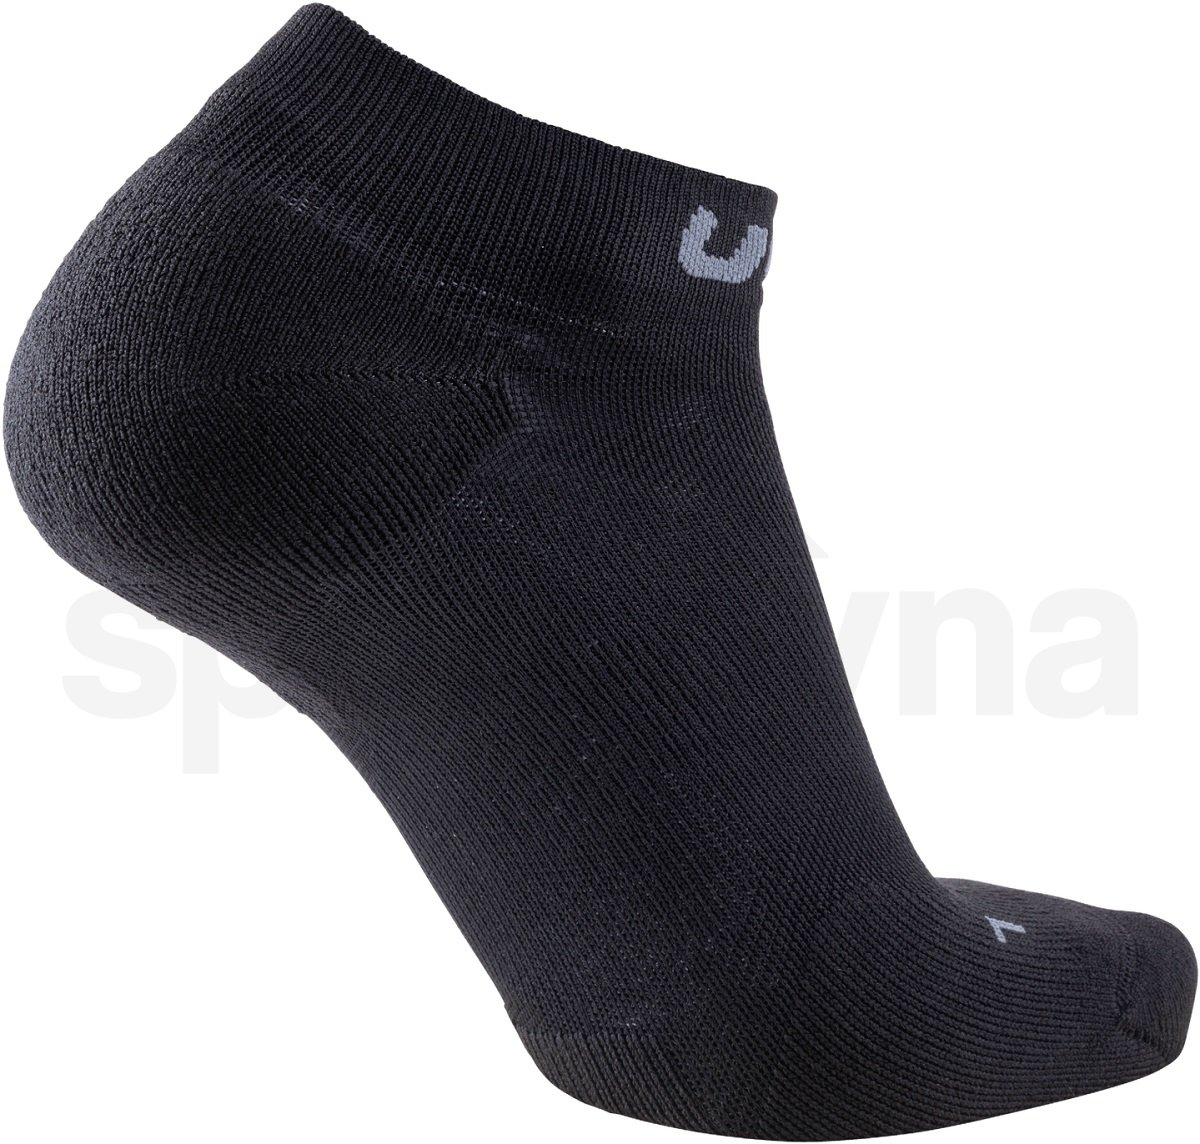 Ponožky UYN Trainer No Show Socks W - černá/šedá